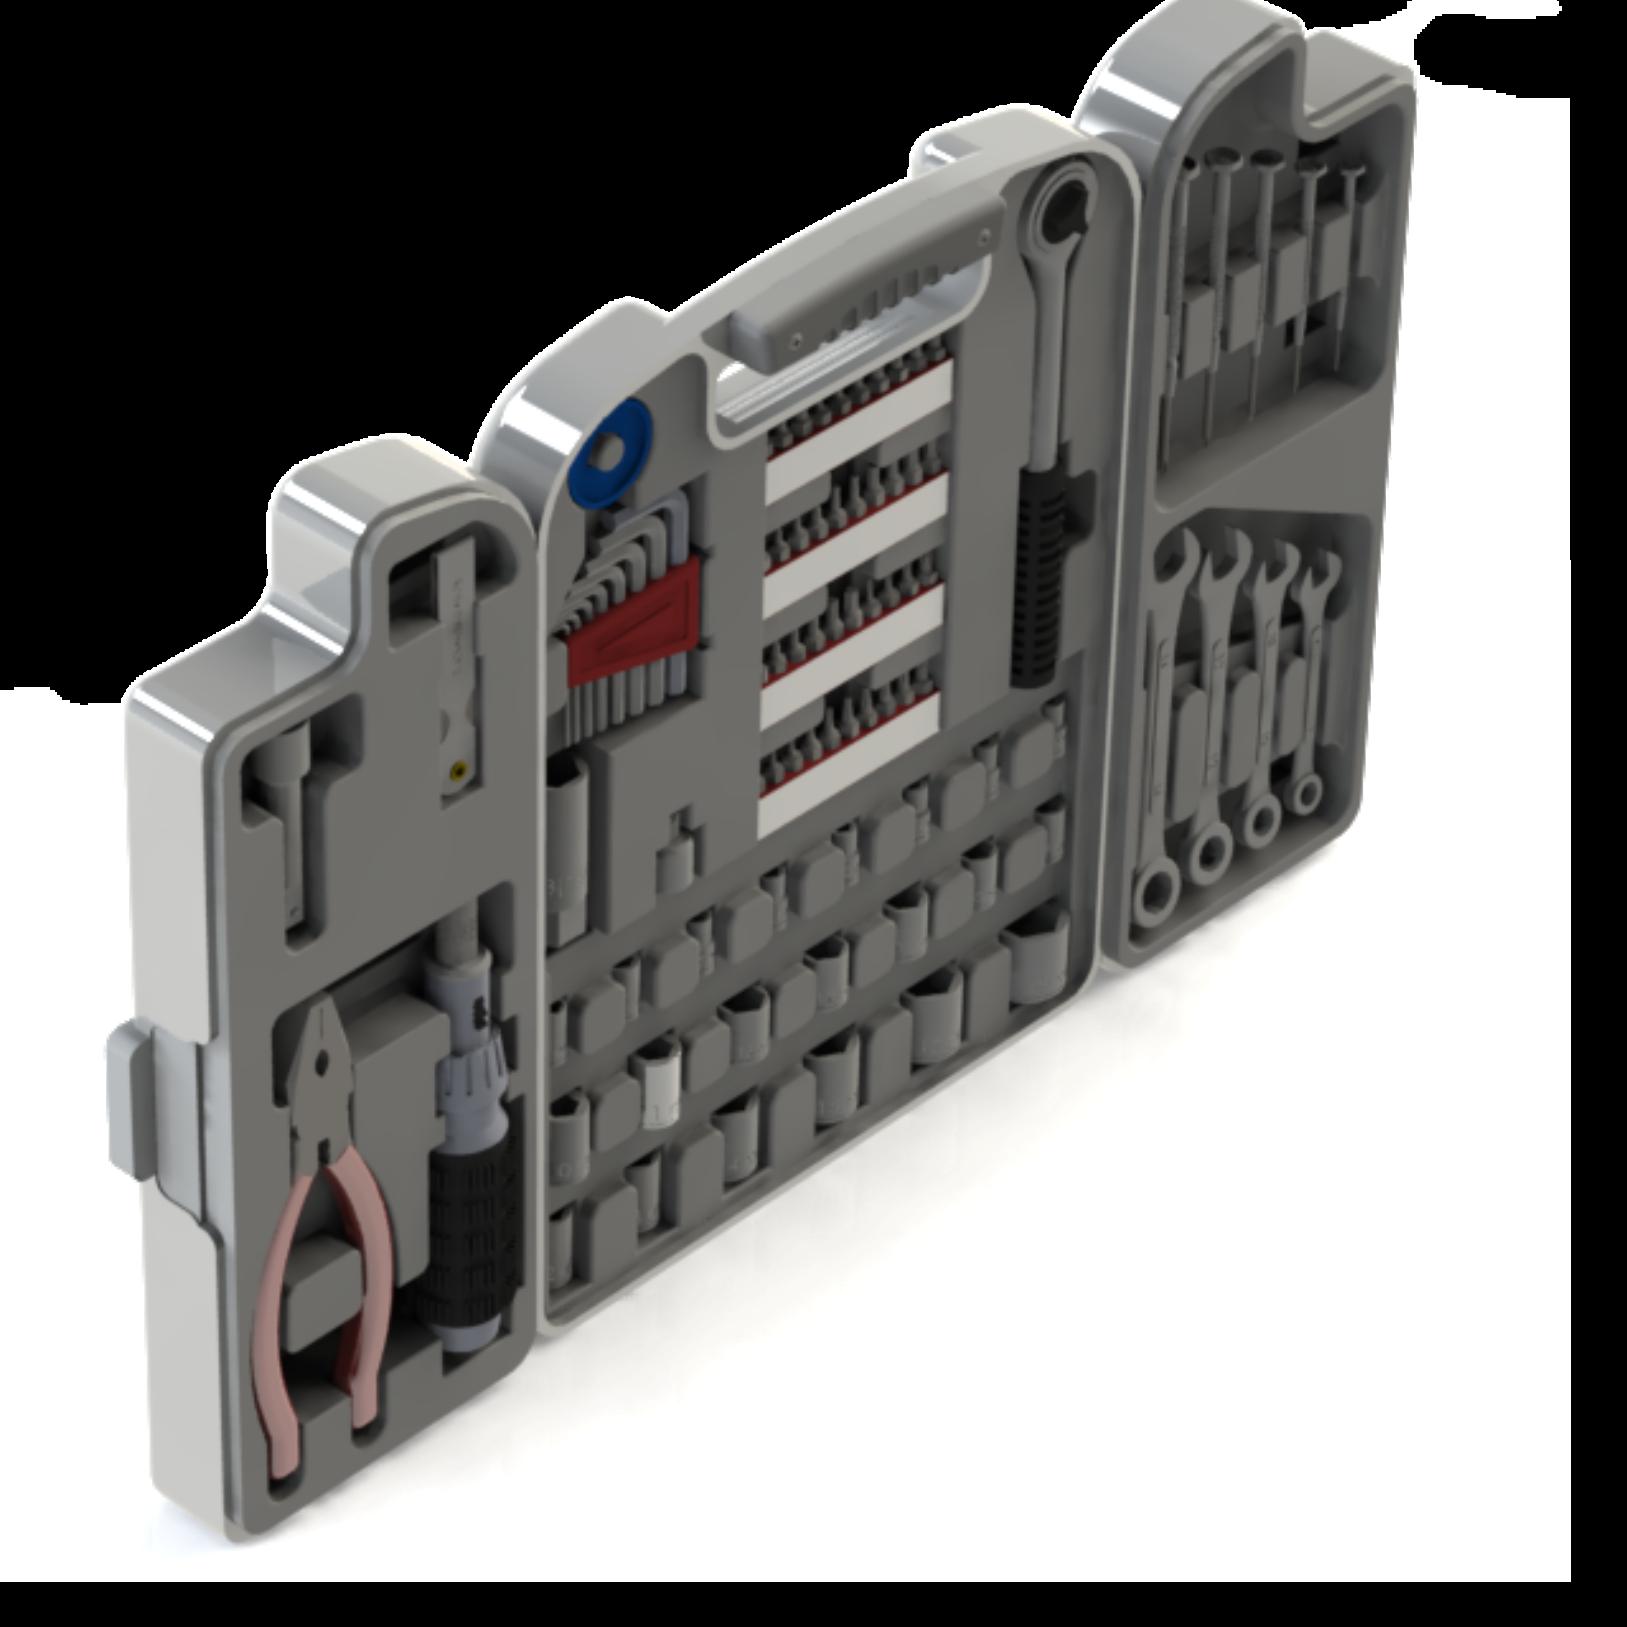 Tudo o que você precisa para montar a sua impressora 3D